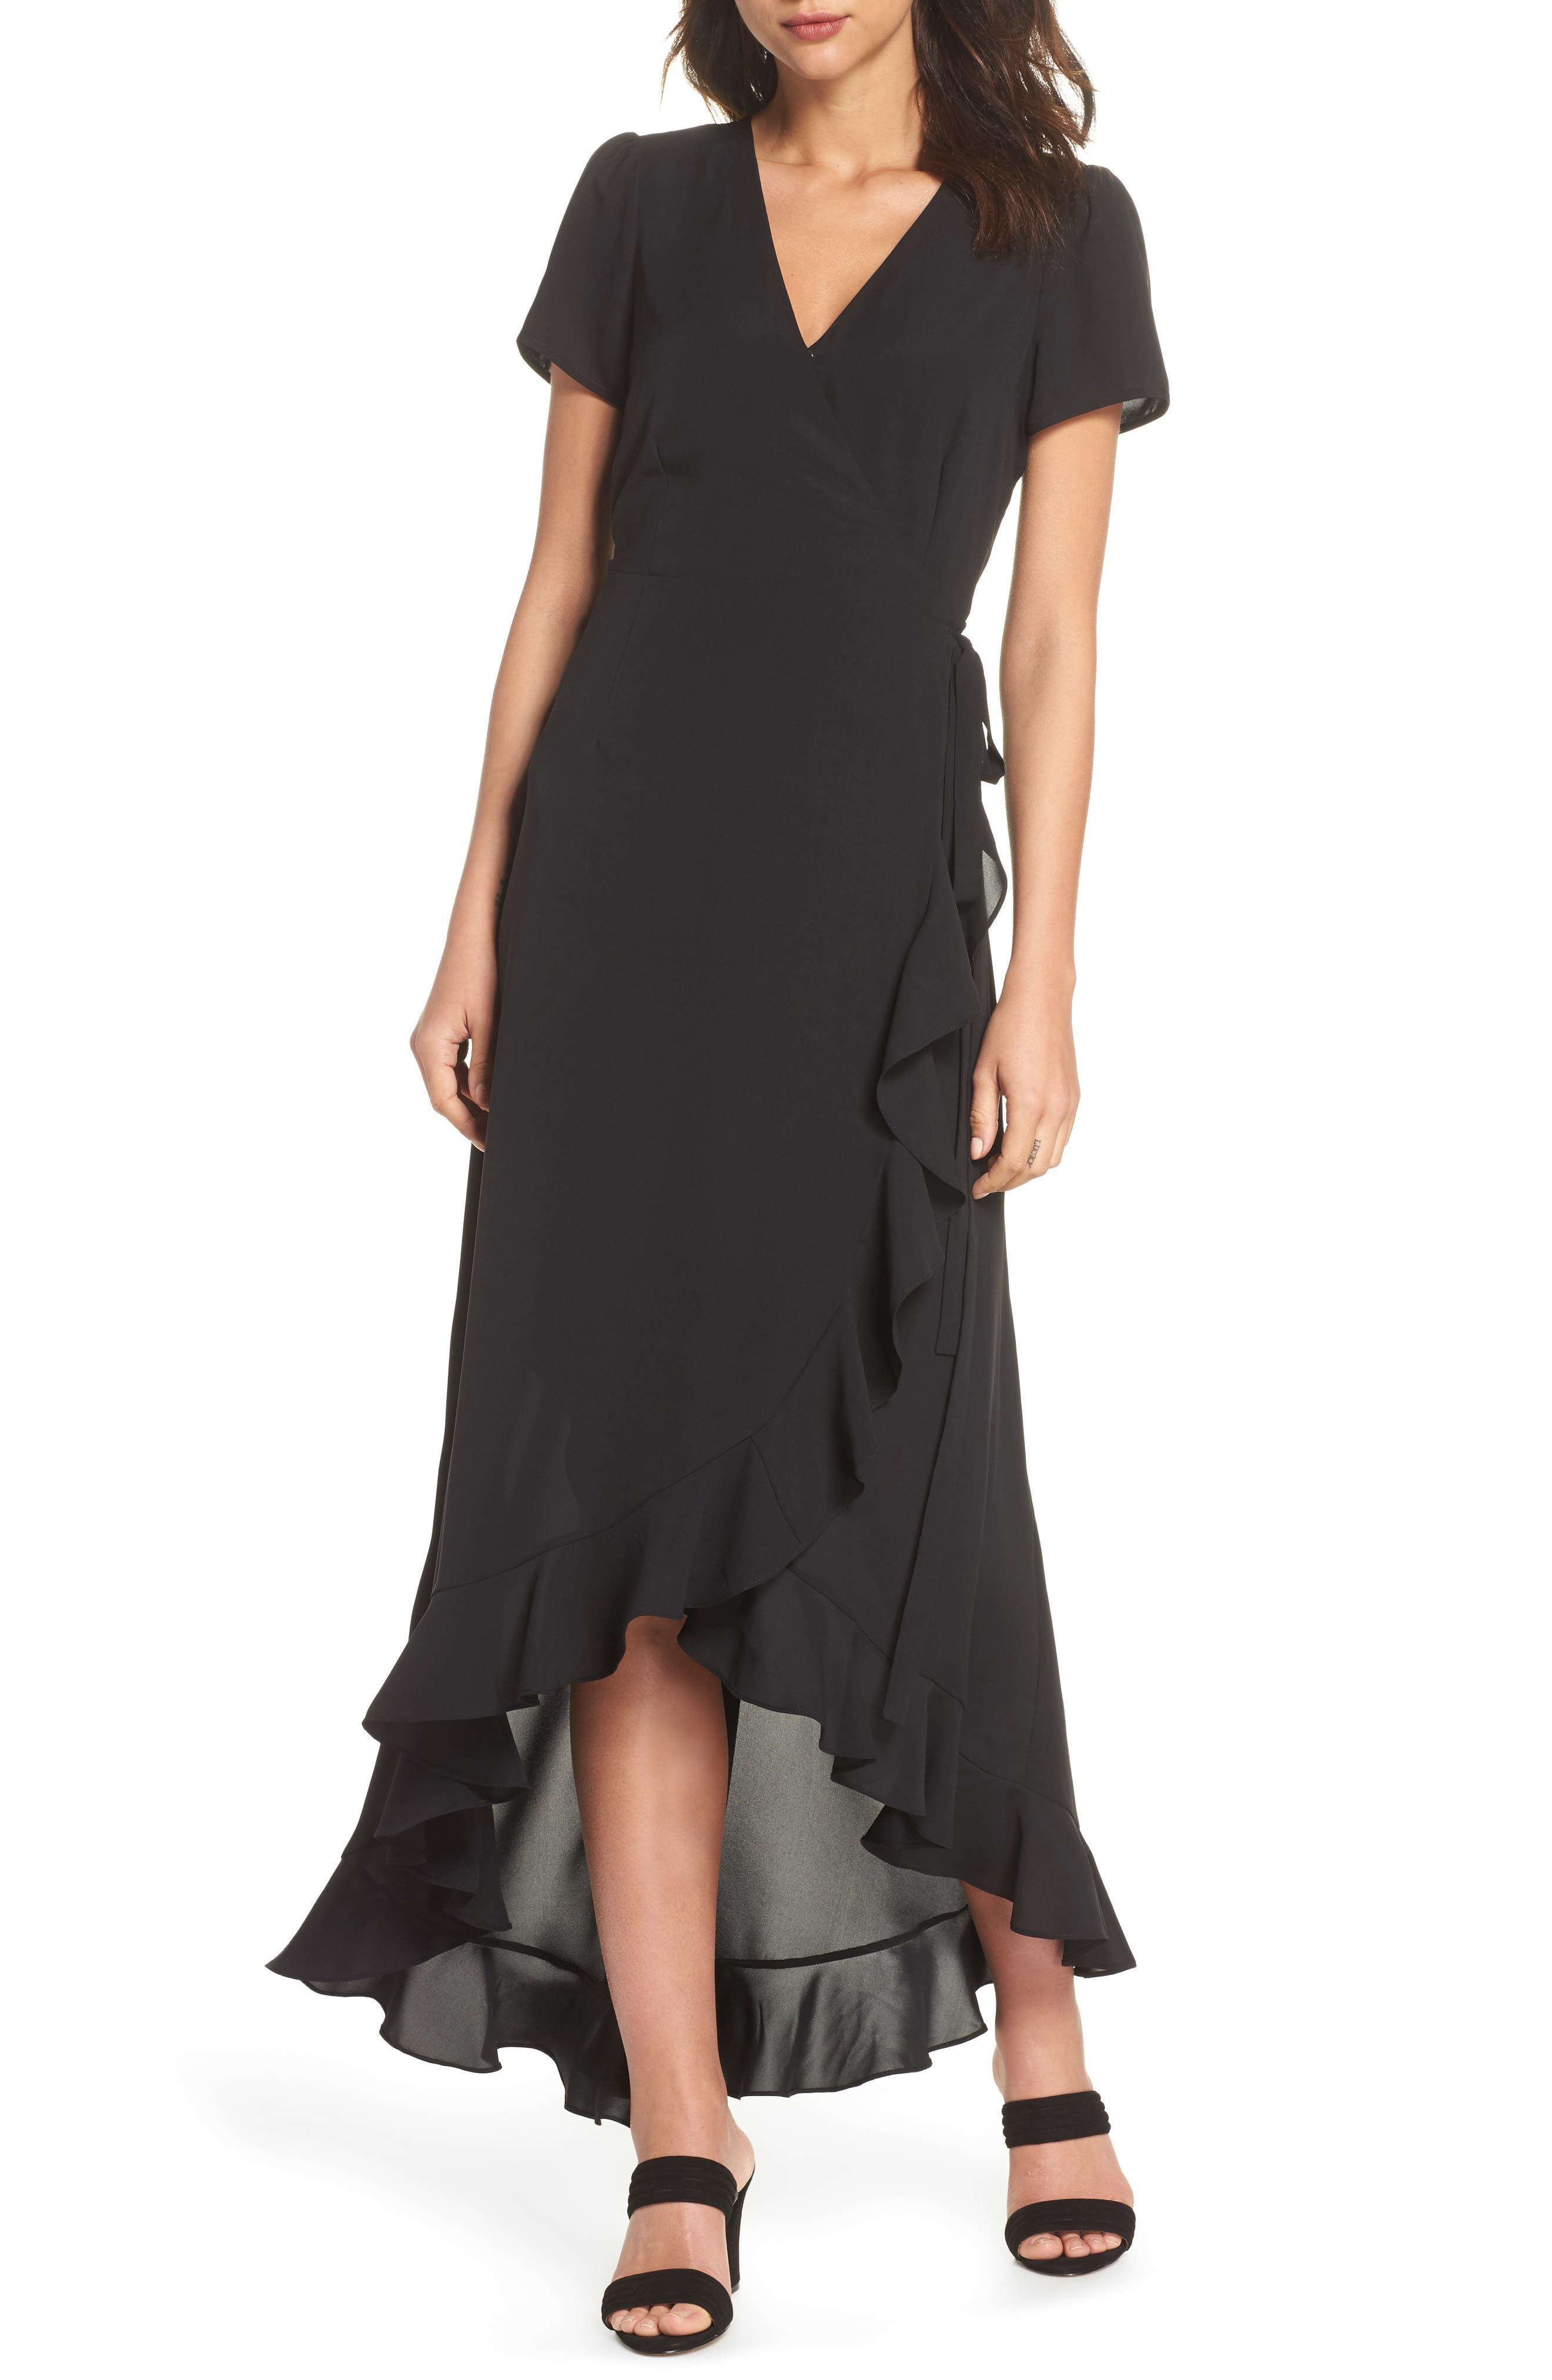 Nordstrom black evening dresses